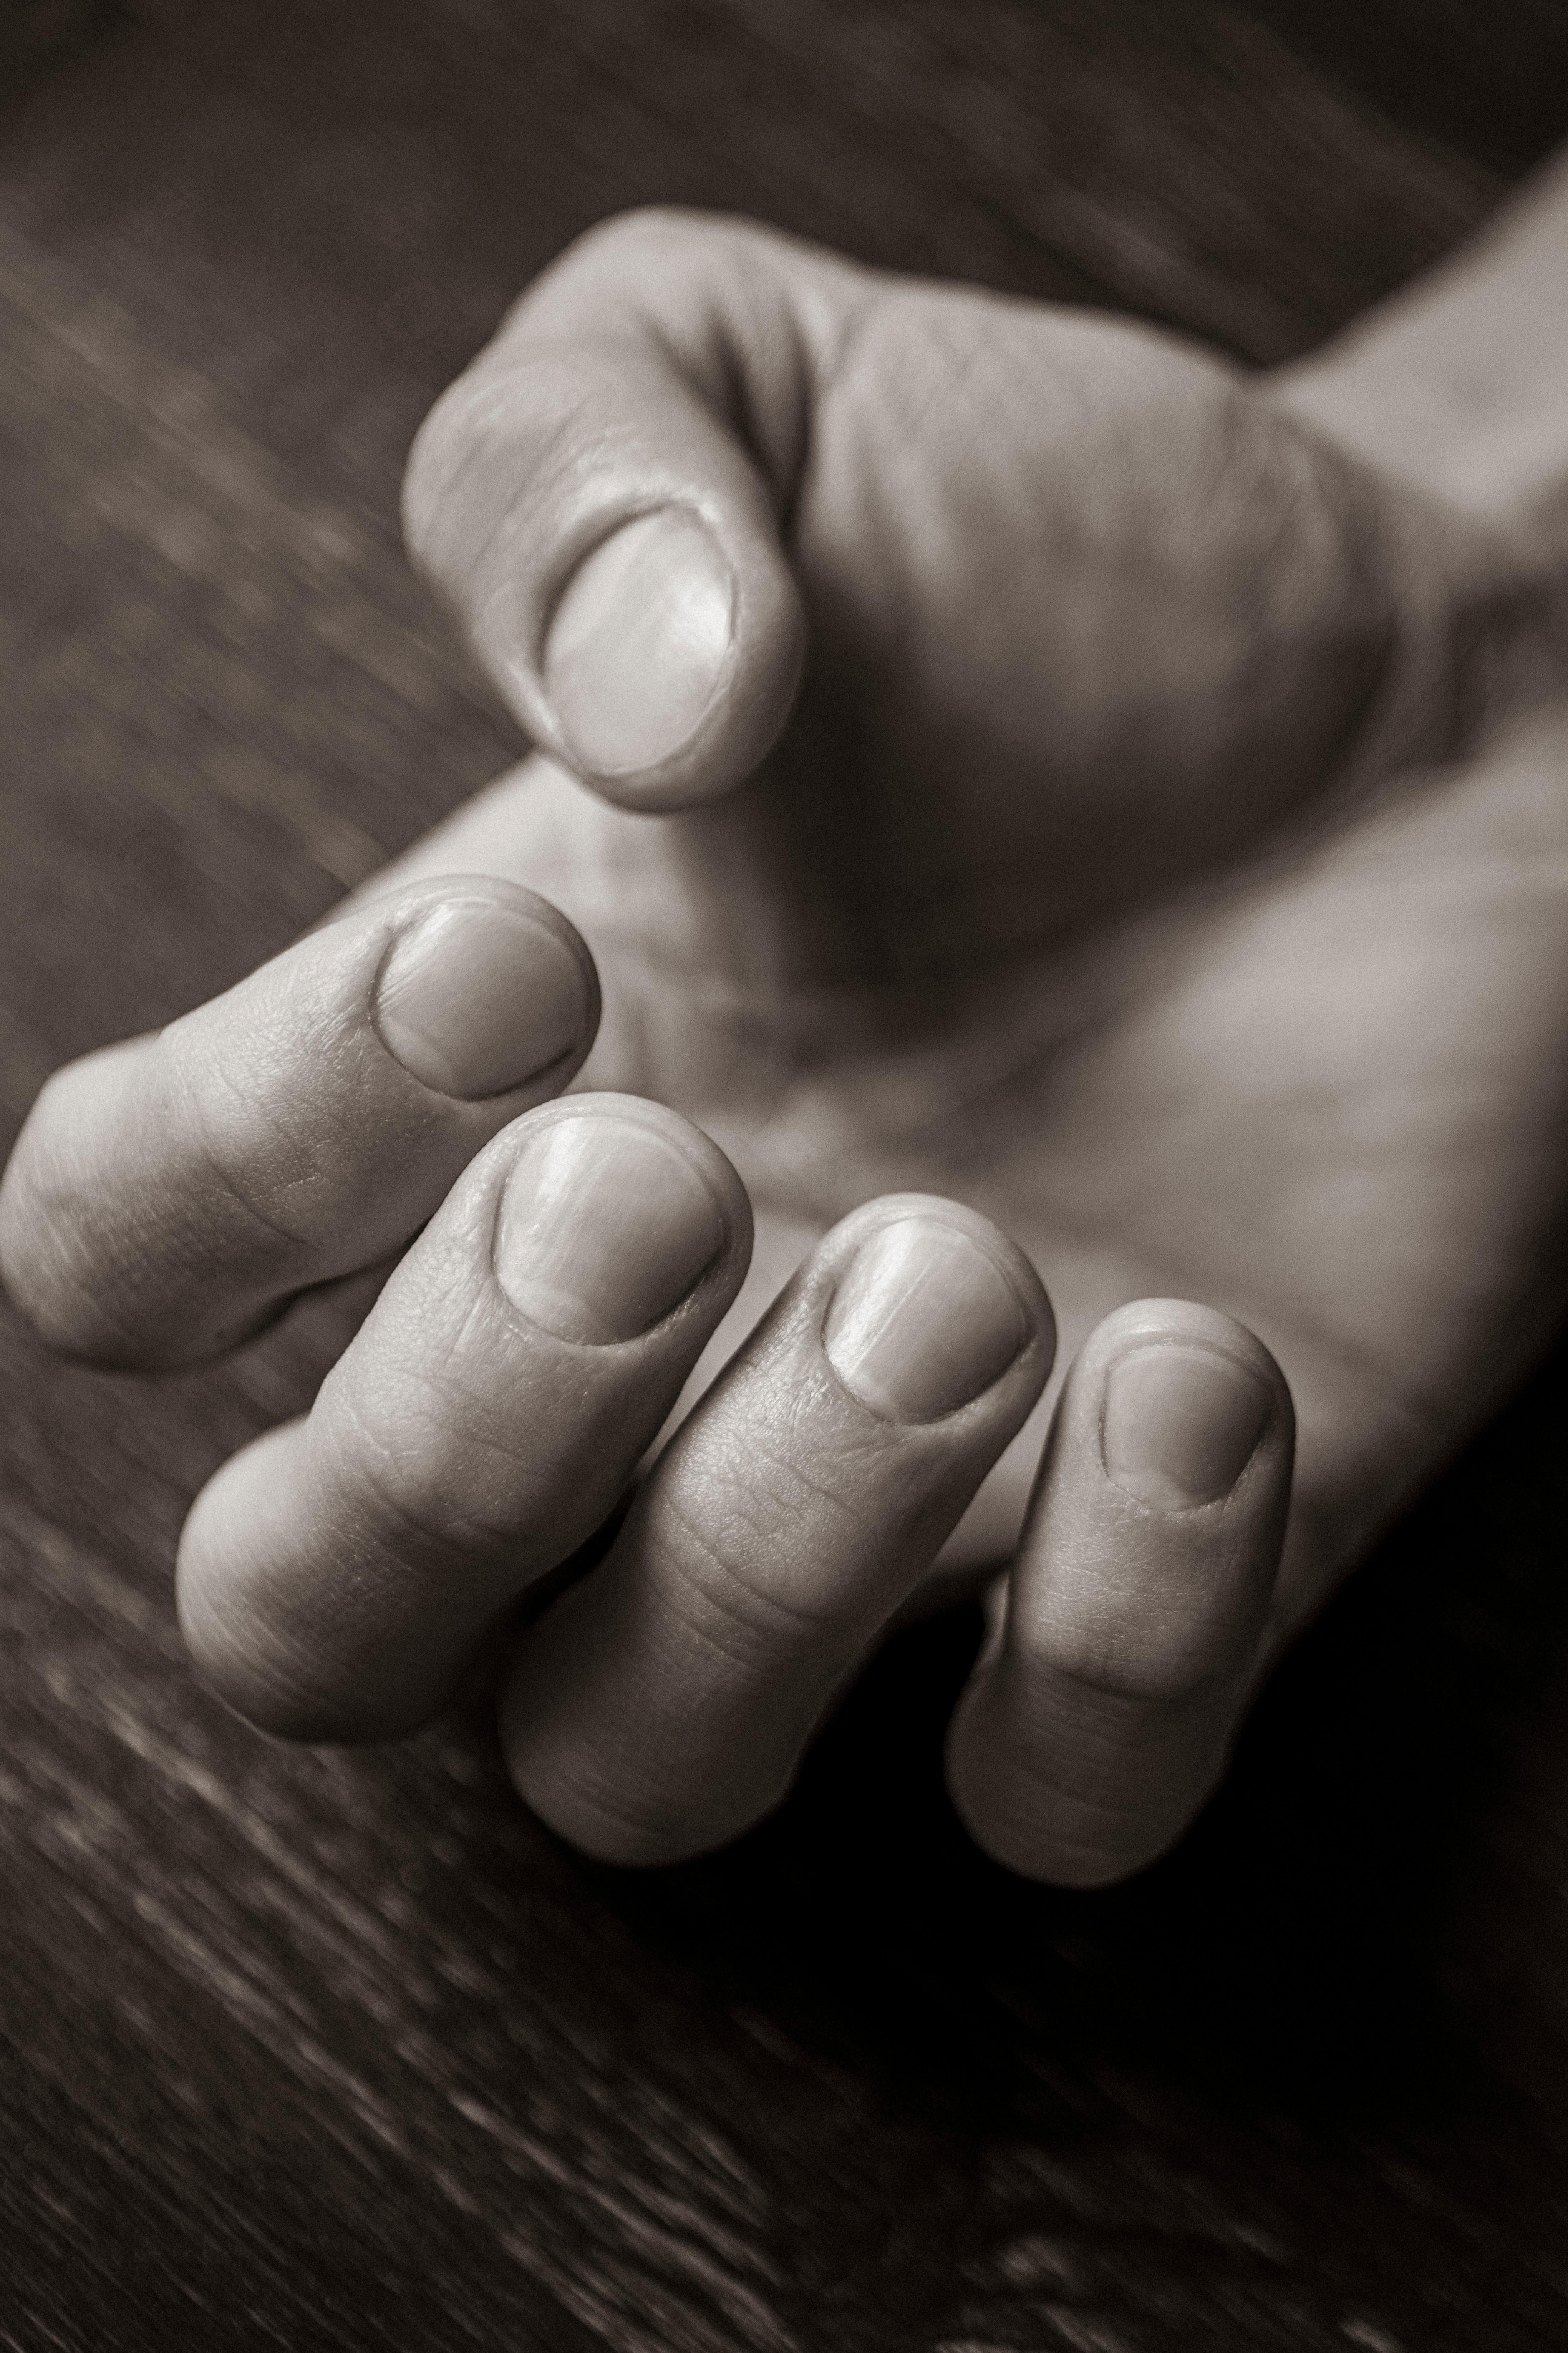 Массаж рук с кремом